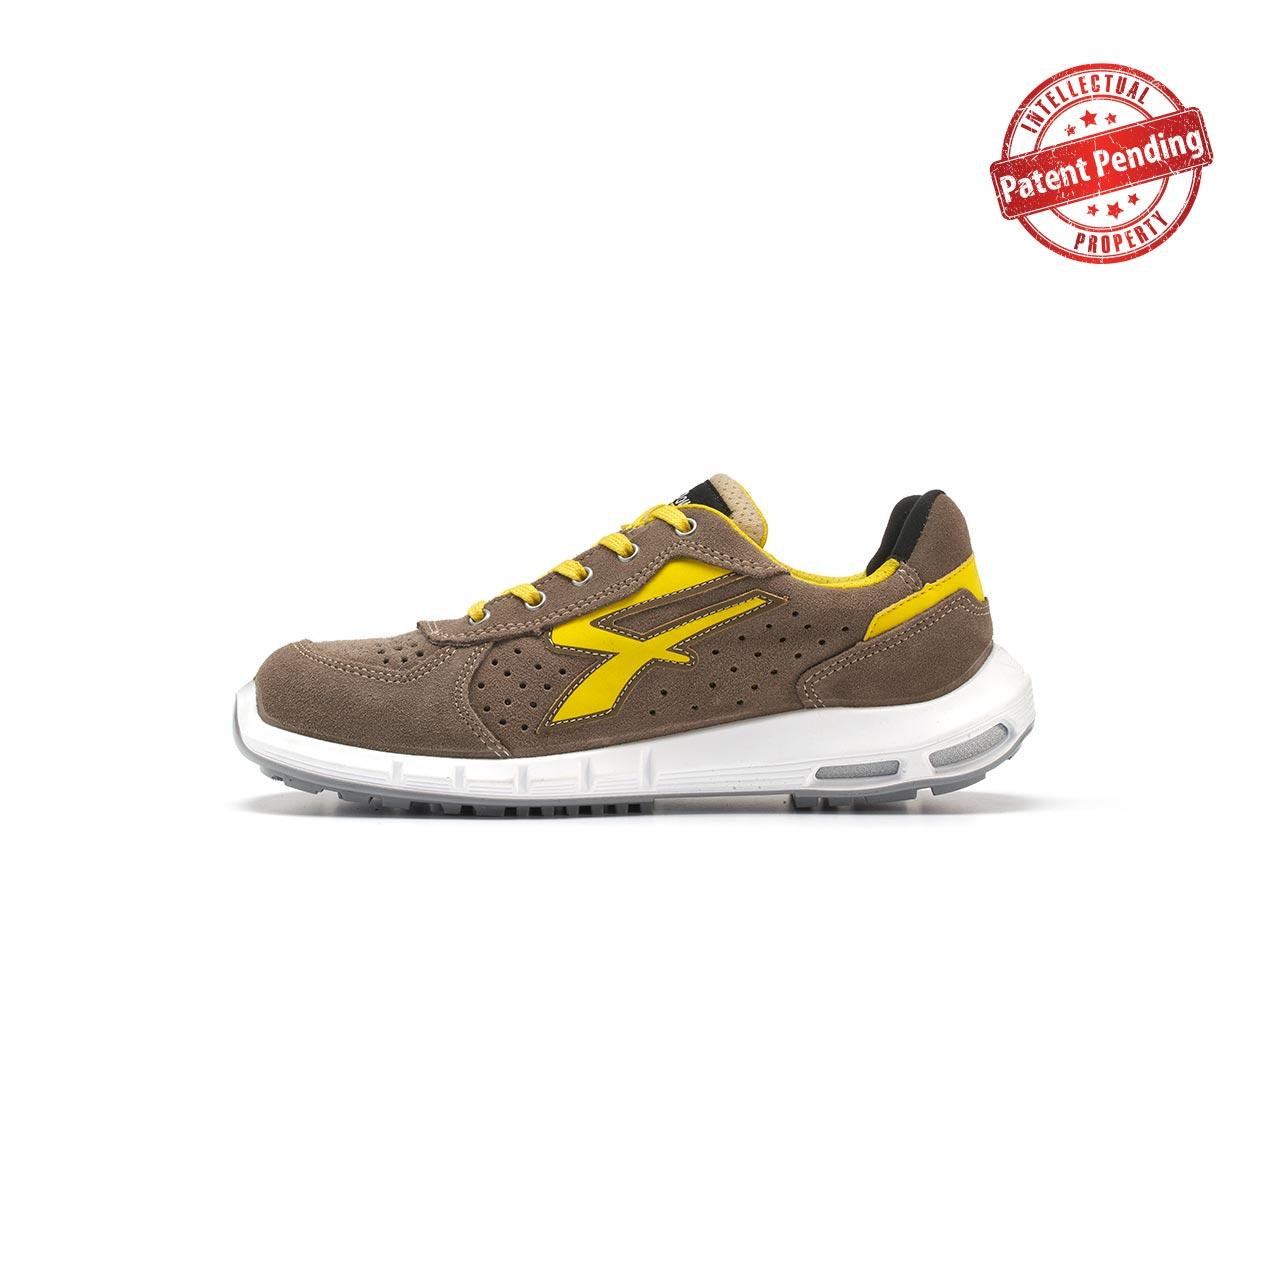 calzatura da lavoro upower modello dorado plus linea redup plus vista lato sinistra